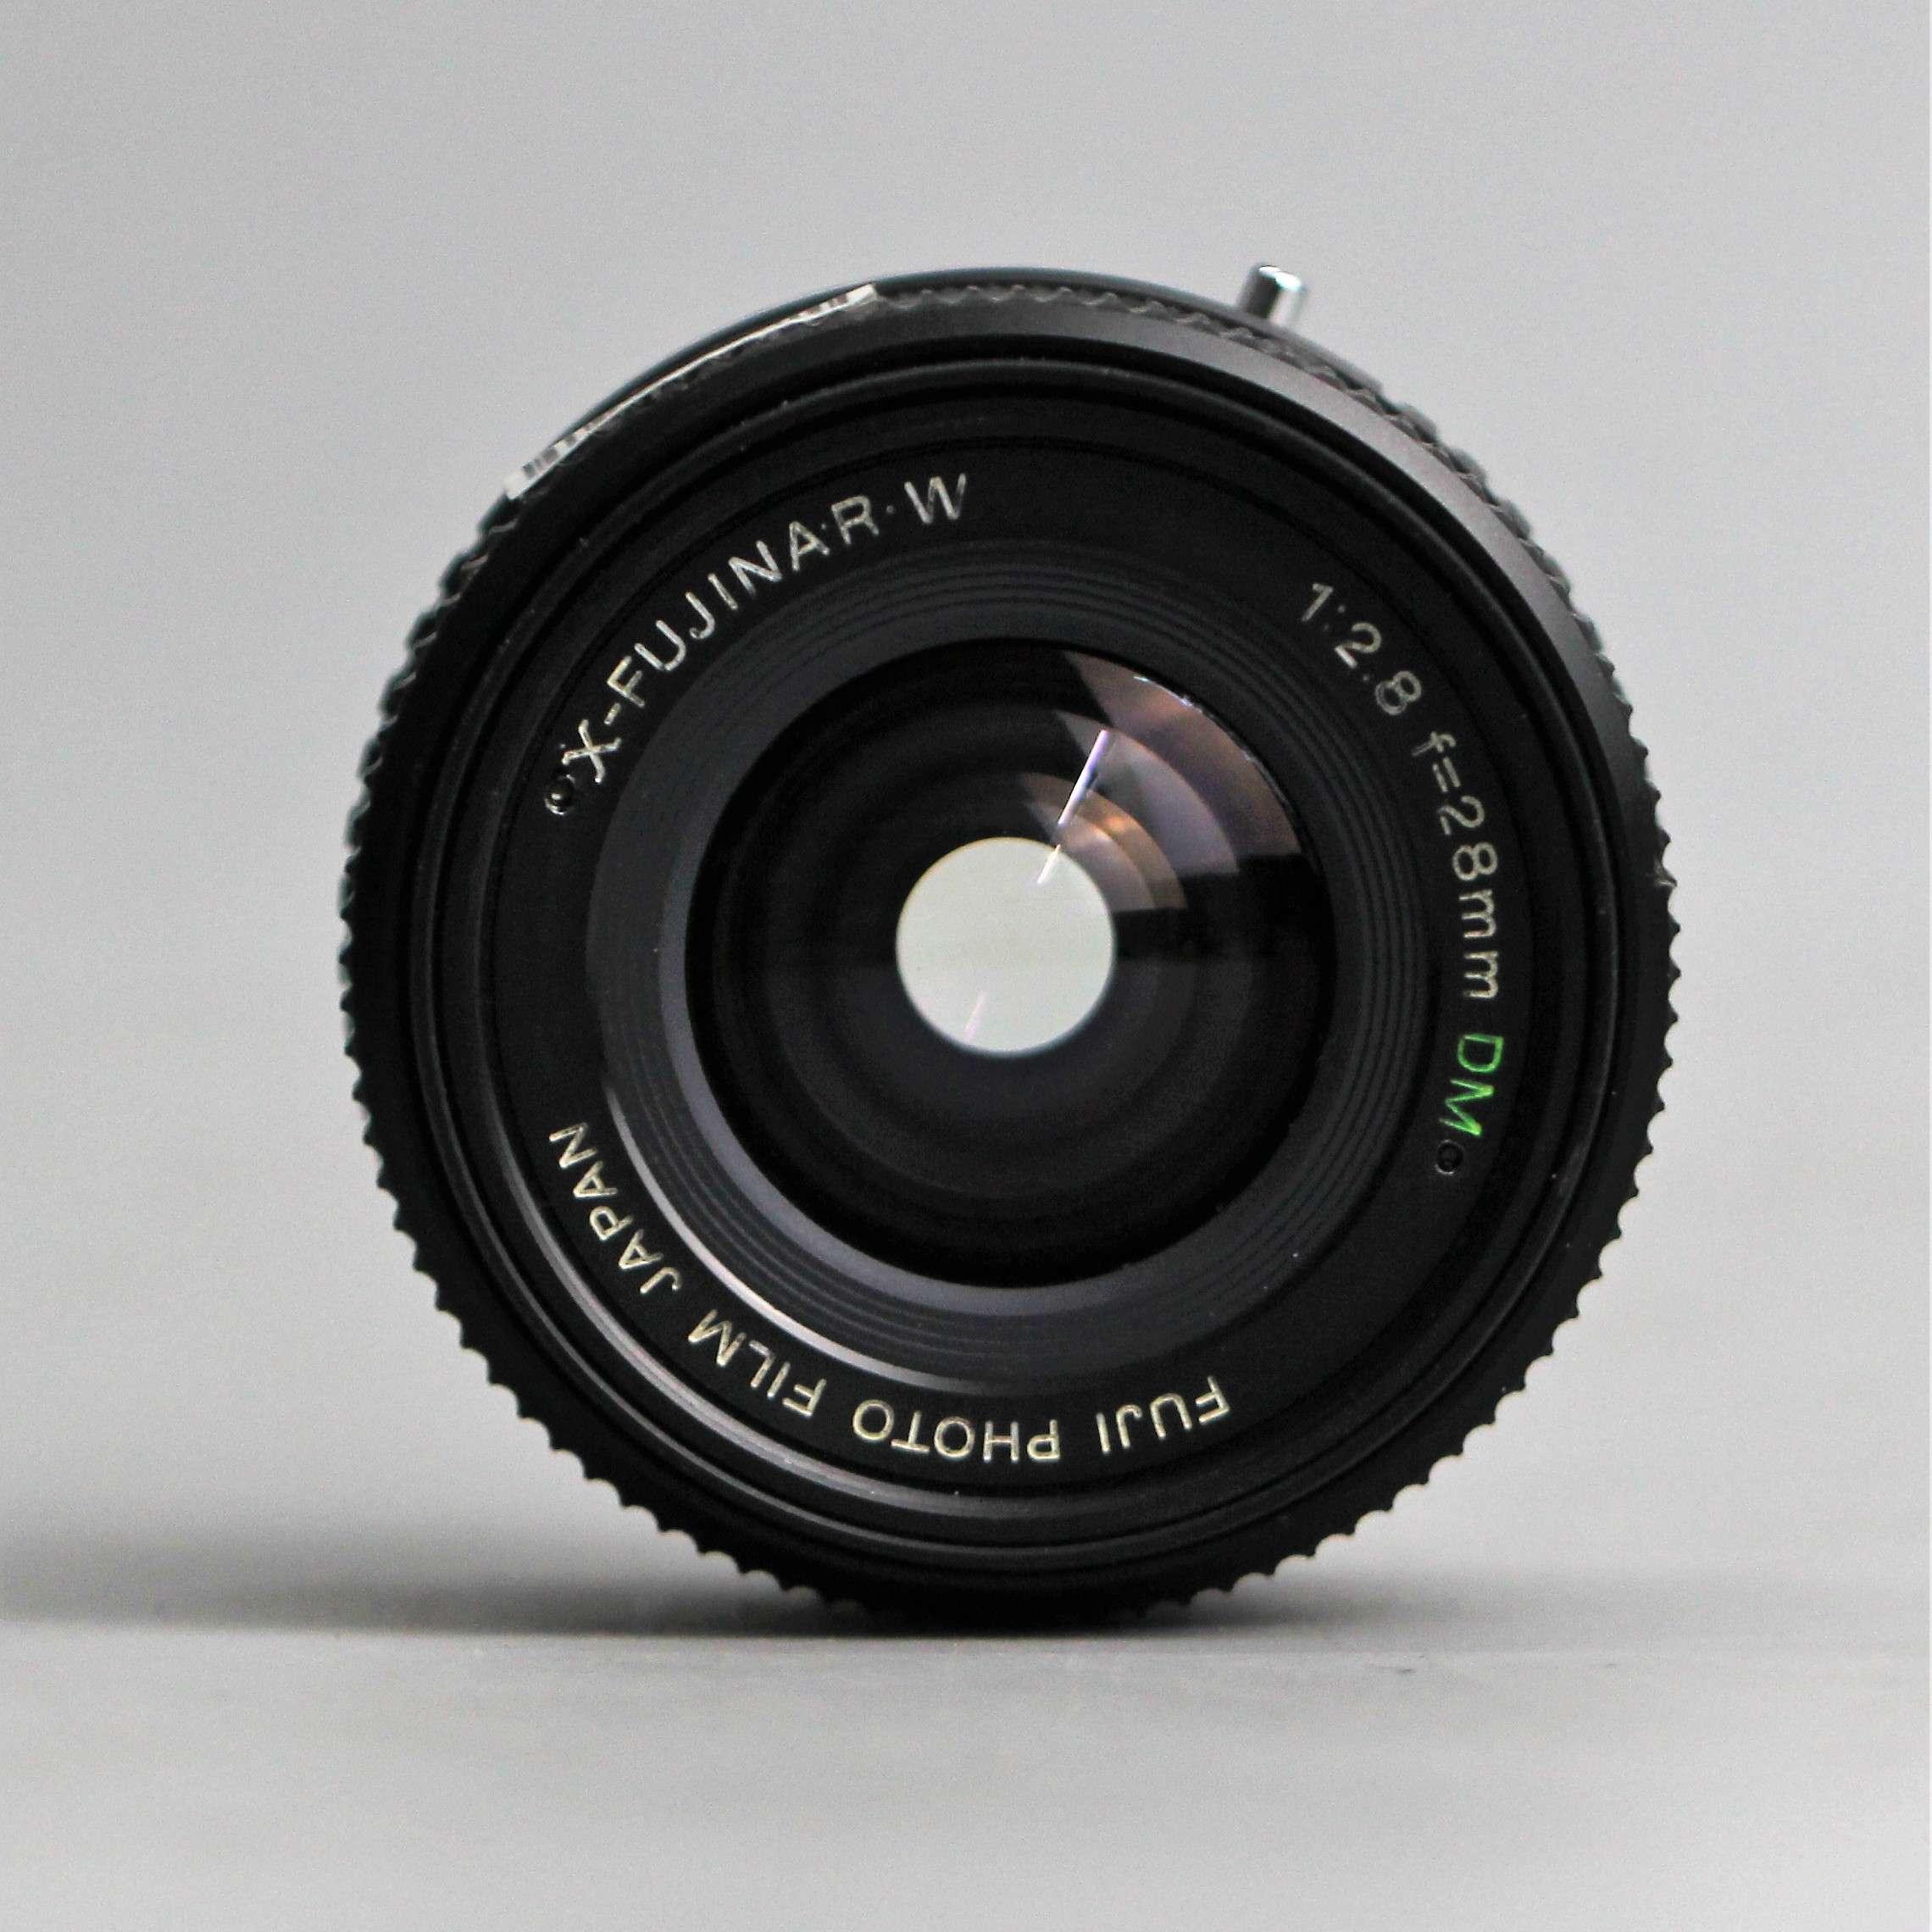 fujifilm-28mm-f2-8-dm-x-fujinar-w-fuji-28-2-8-10950